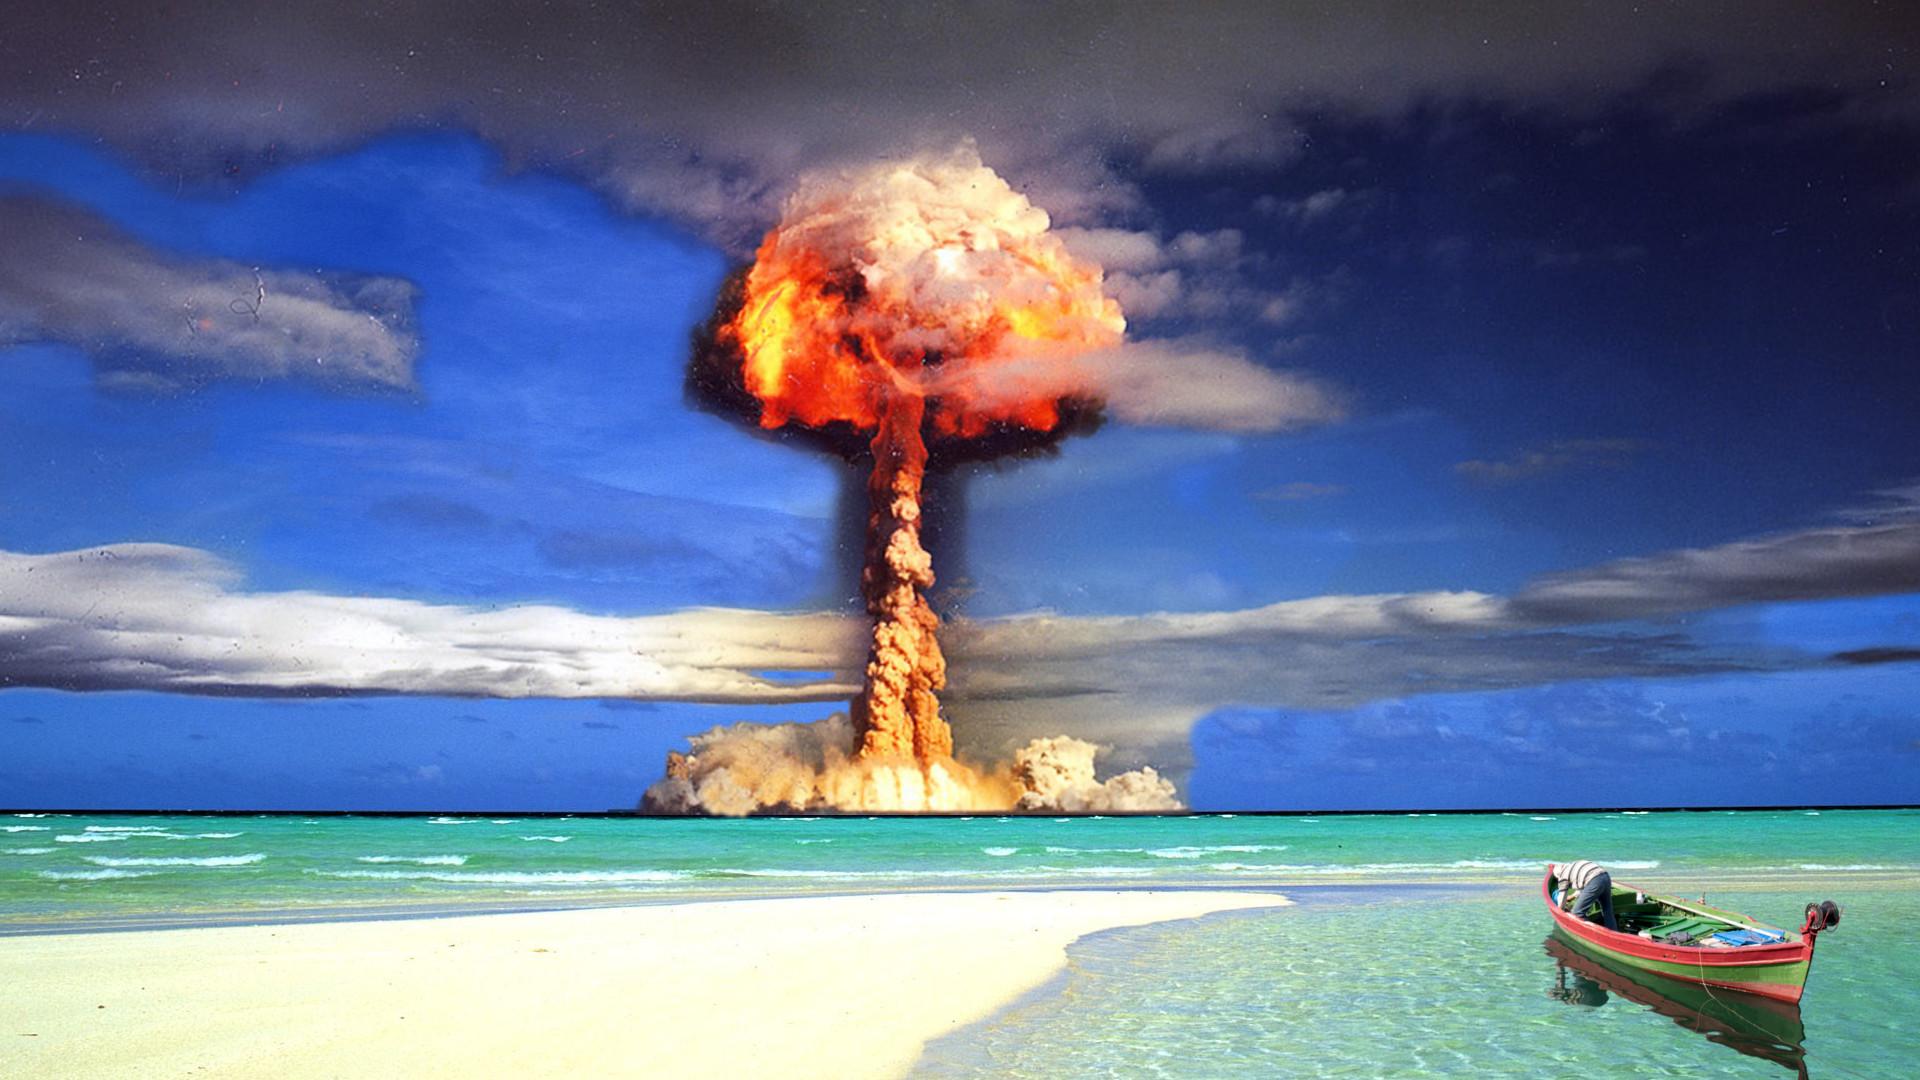 2014-11-03 - Jesus habla del Rapto y la Guerra Nuclear - la aniquilacion nuclear de Miami